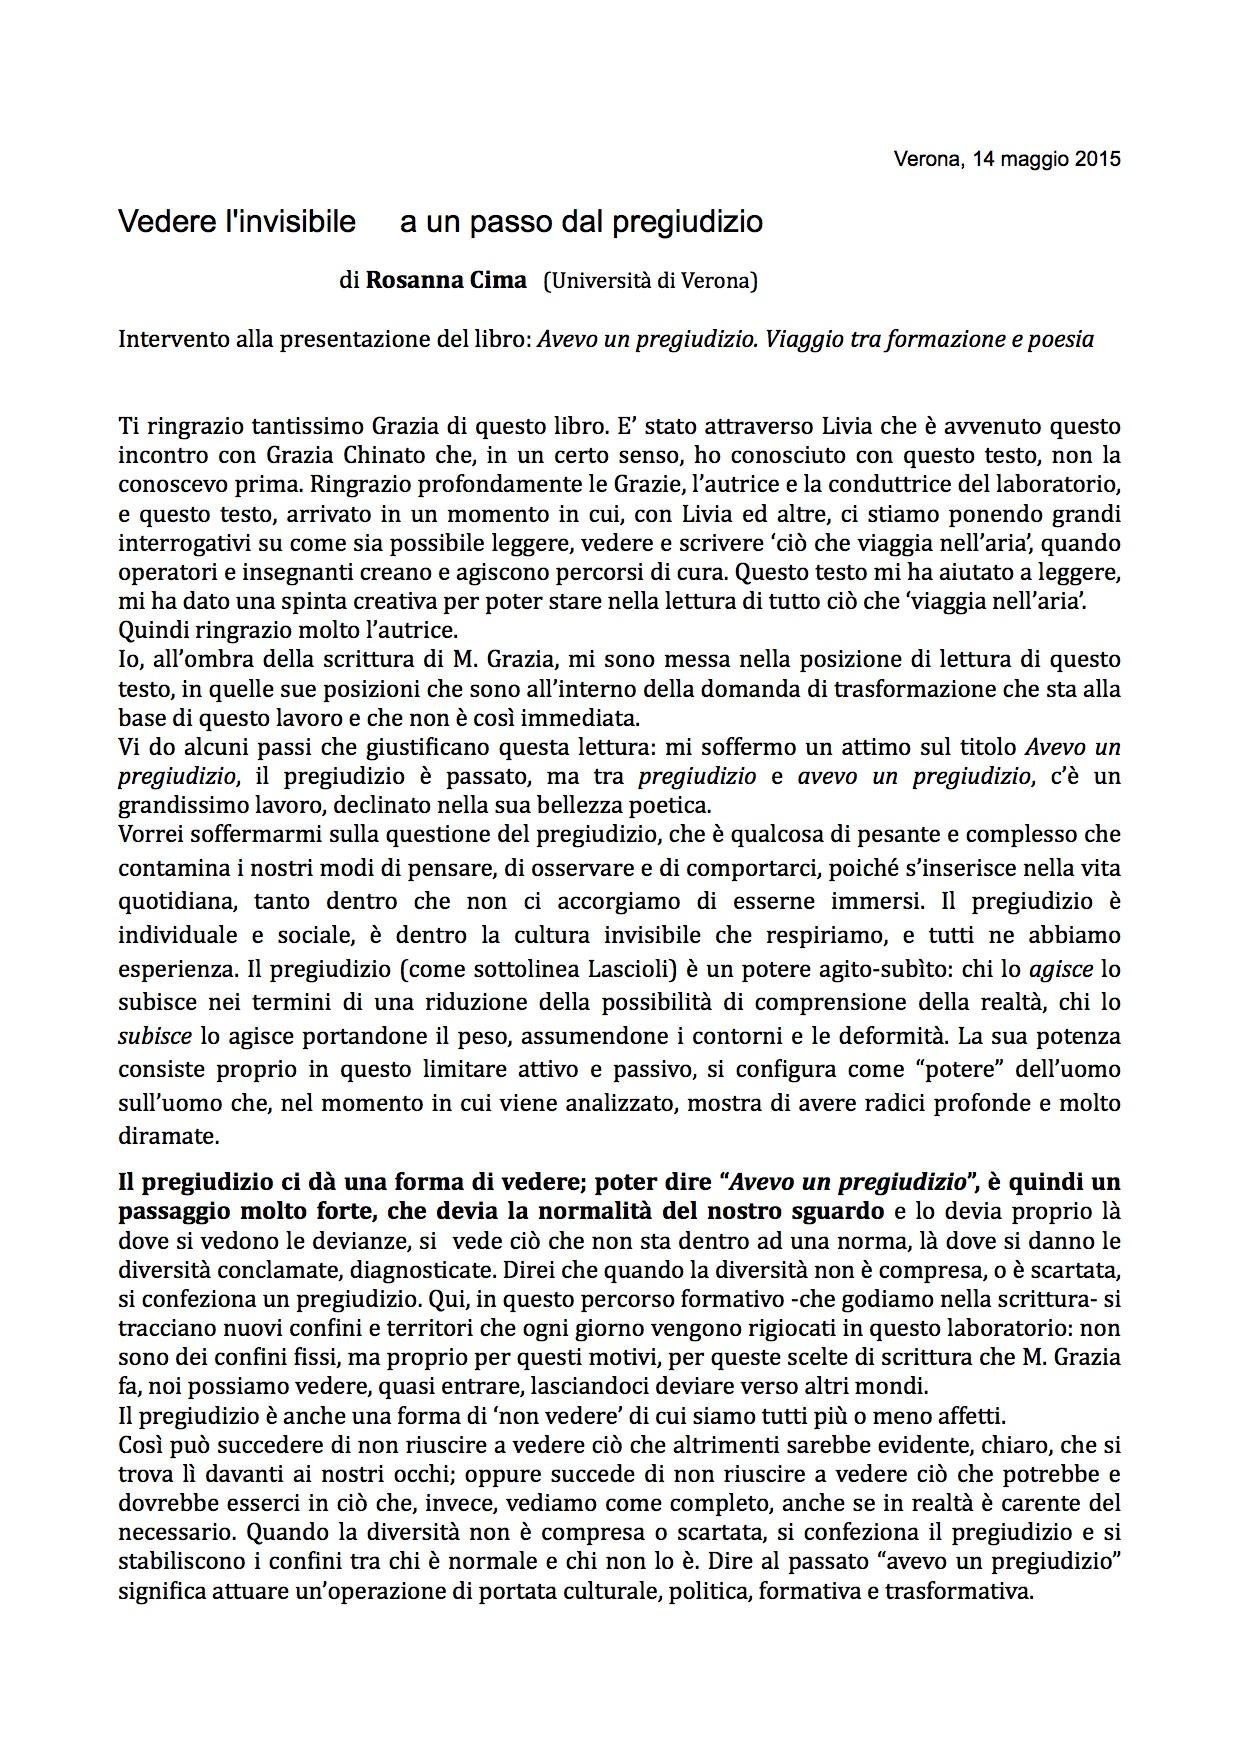 Intervento di Rosanna Cima01